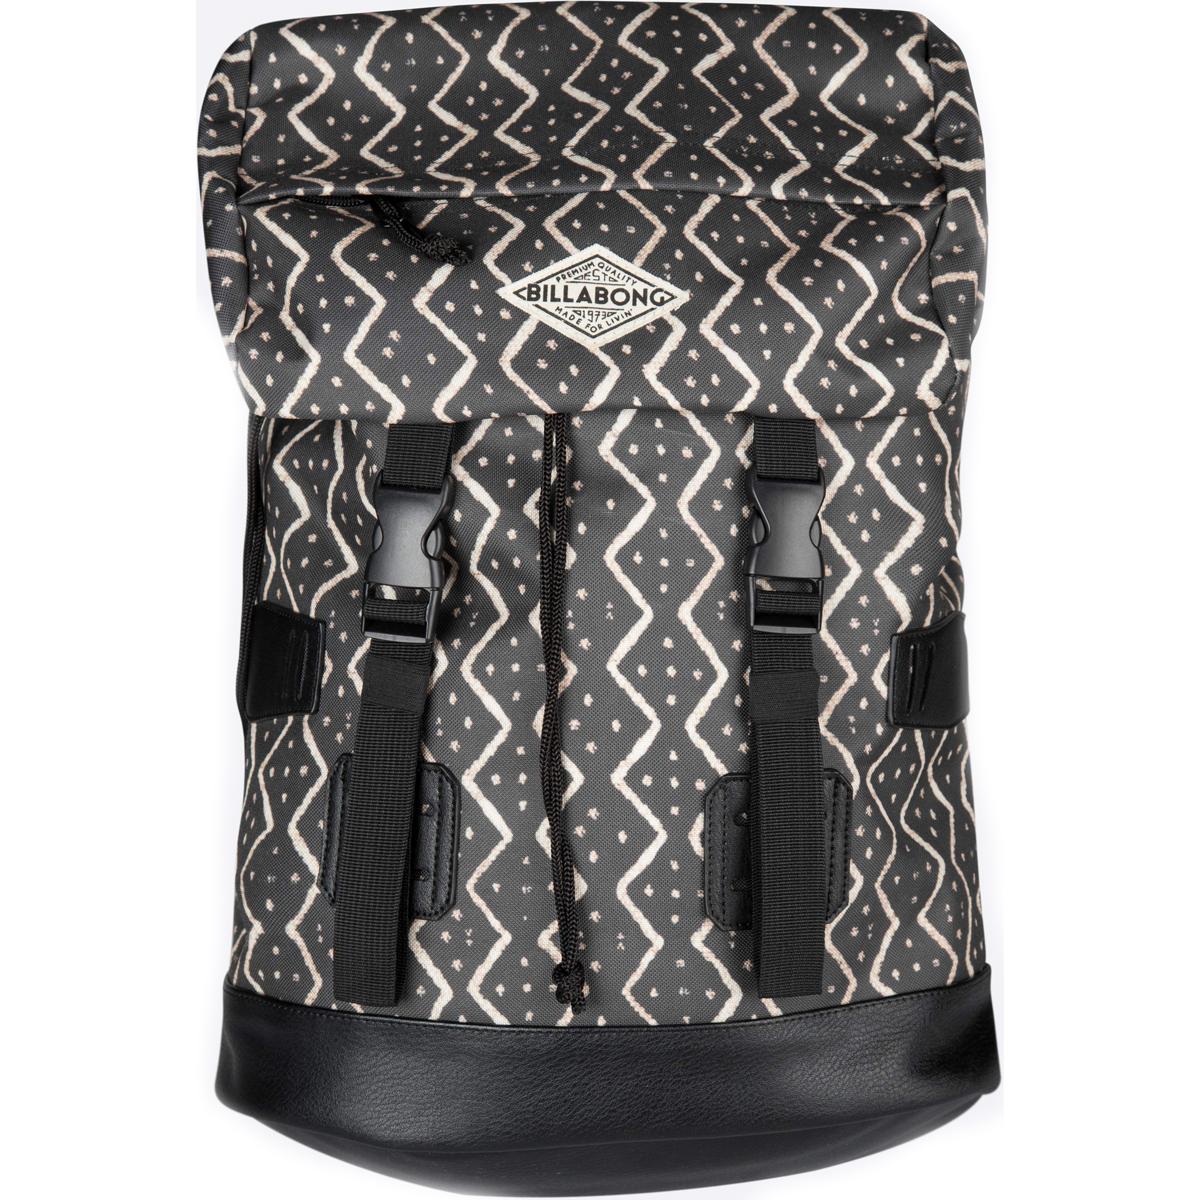 Рюкзак городской женский Billabong Track Girl, цвет: черный, 25 лZ9BP01Вдохновленный туристическими рюкзаками, Billabong Track Girl является универсальным решением как для городских маршрутов и загородных поездок. Основной отсек, утягивающийся шнуром, готов вместить множество вещей благодаря внушительному объему, карман в верхней части клапана предназначен для транспортировки хрупких вещей, а внешние нашивки для крепления веревки позволят захватить с собой куртку или туристический коврик. Имеется мягкий карман для ноутбука с быстрым доступом.